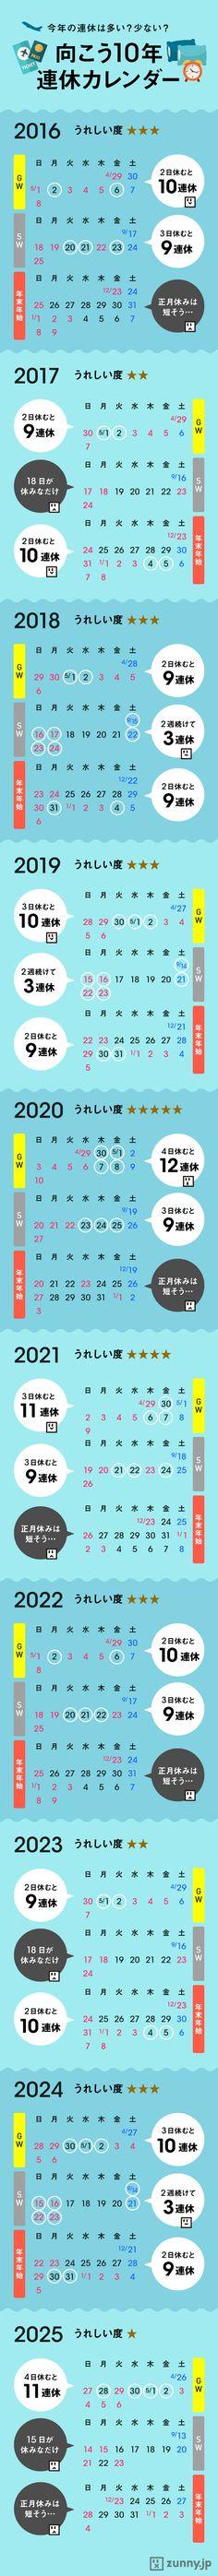 10年先まで! 「大型連休」一覧カレンダー | ZUNNY インフォグラフィック・ニュース